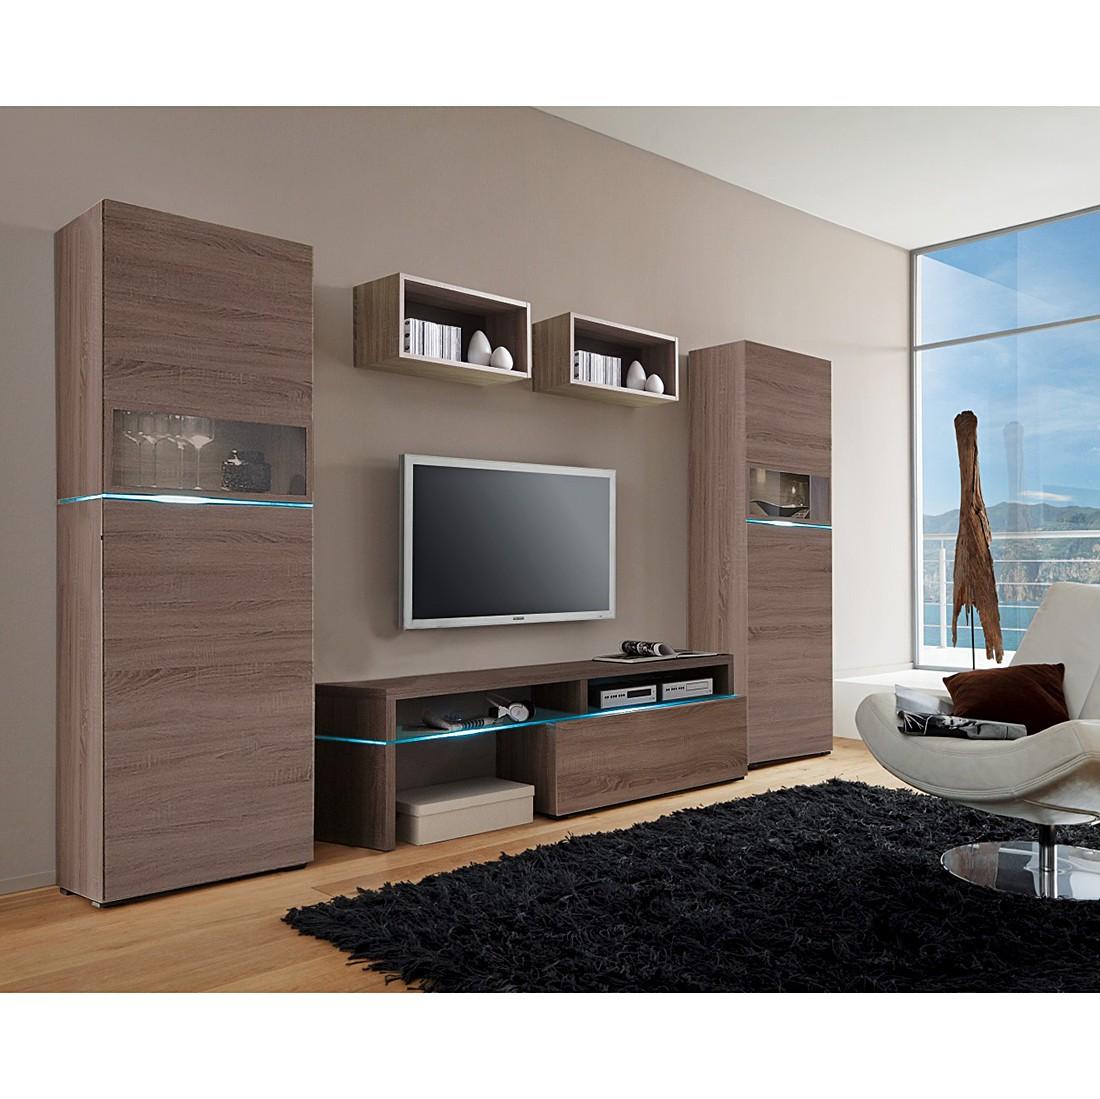 Möbel Für Unterhaltungselektronik Online Günstig Kaufen über Shop24.at |  Shop24